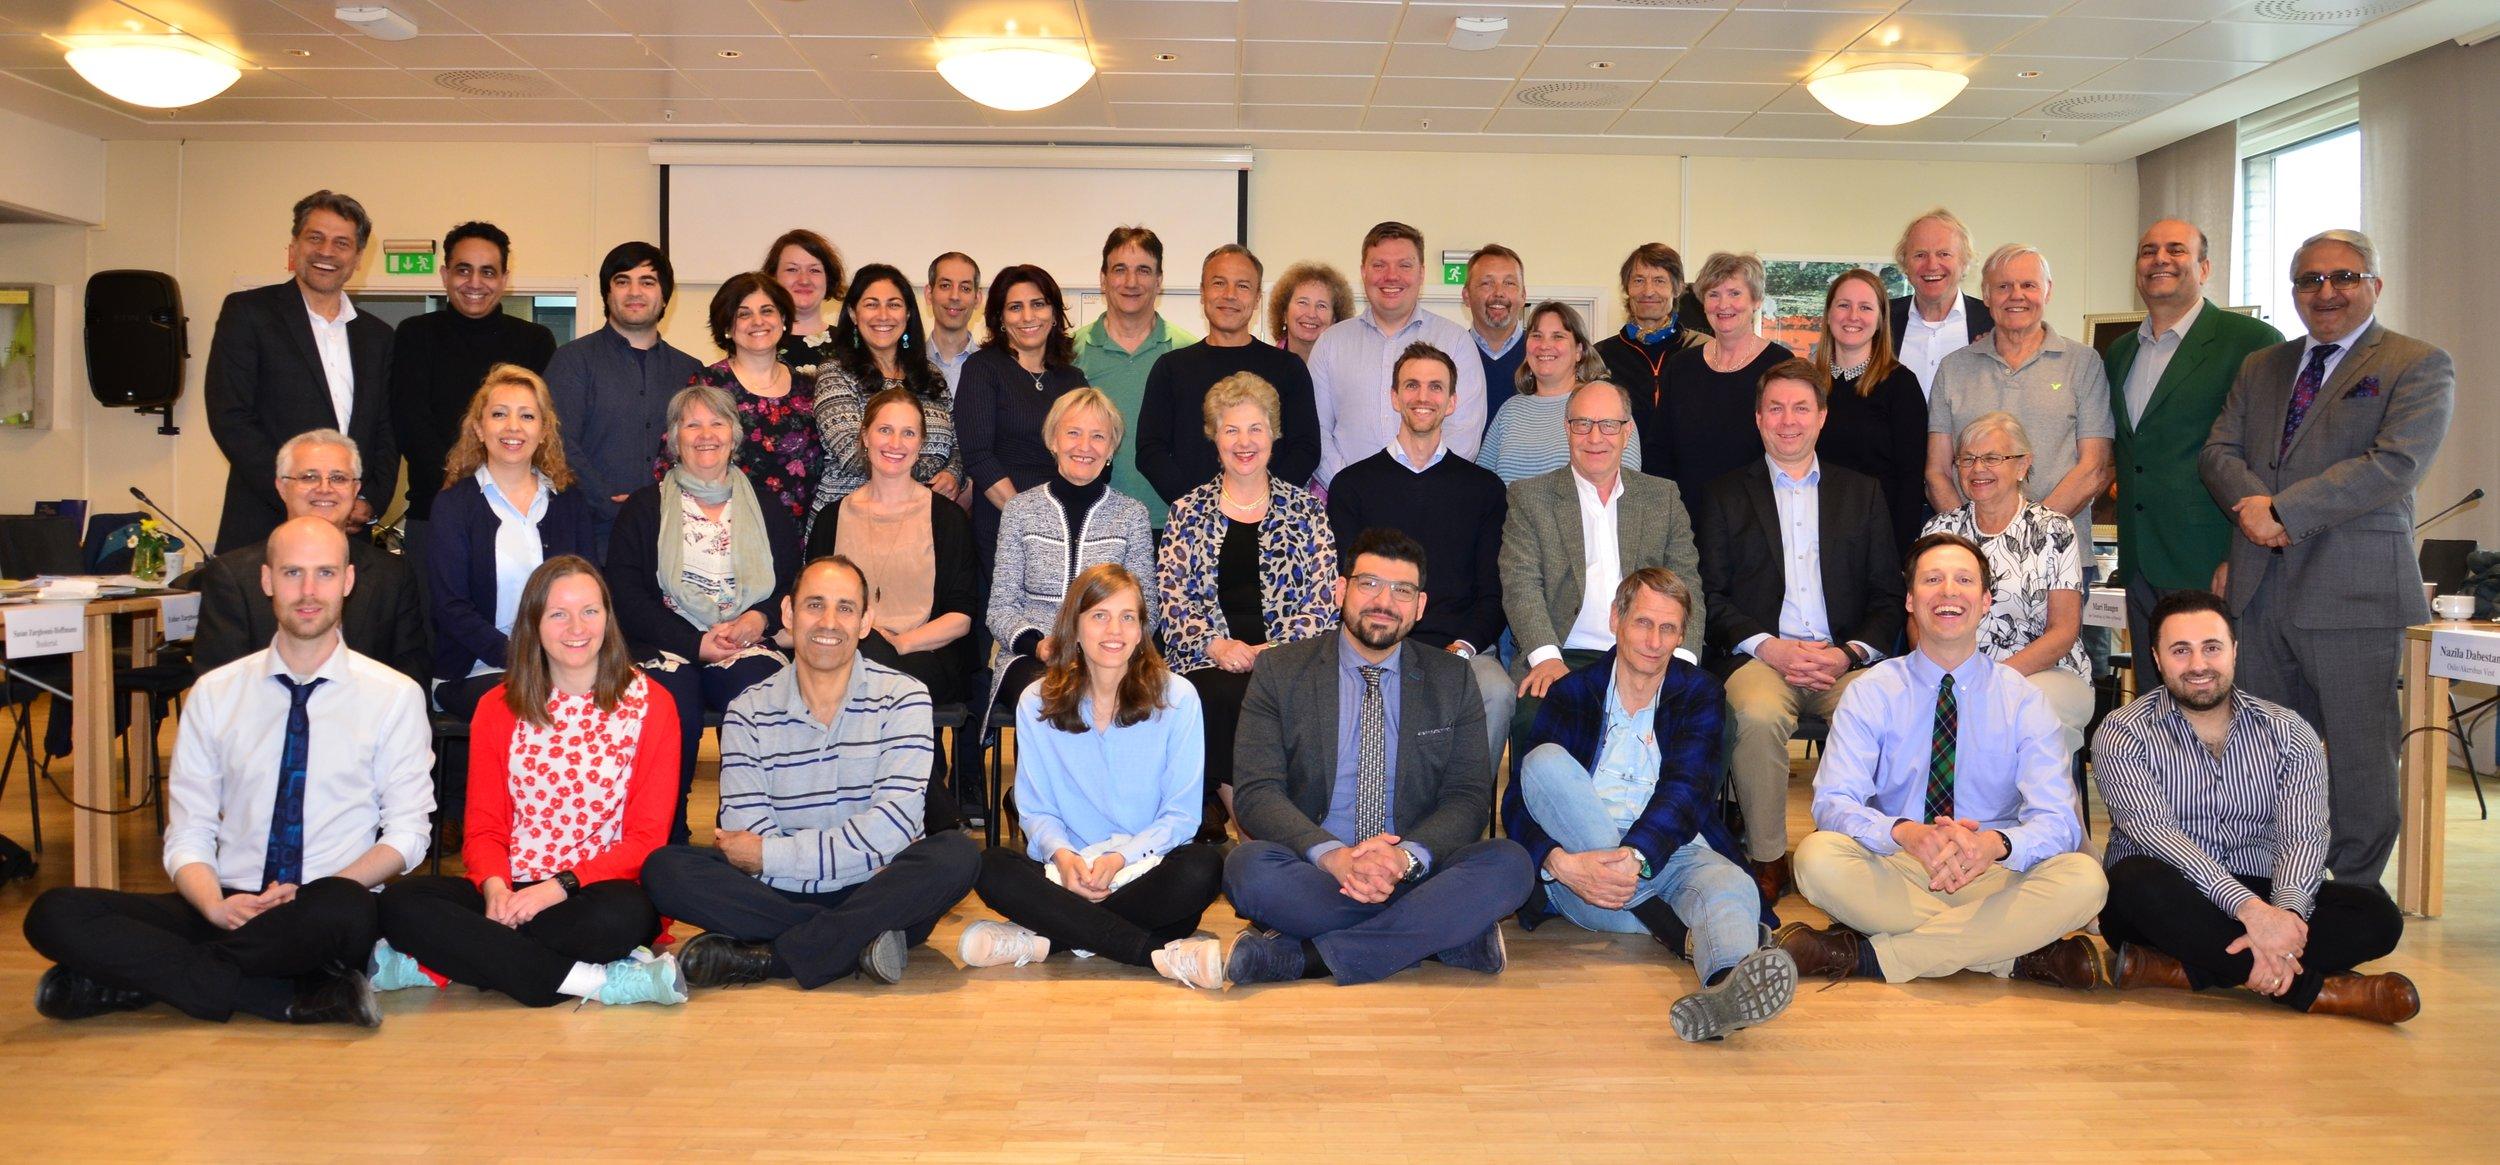 Delegater, medlemmer av Nasjonalt Åndelig Råd og representant for Kontinental Rådgivernemnd samlet ved det nasjonale årsmøtet 2019.